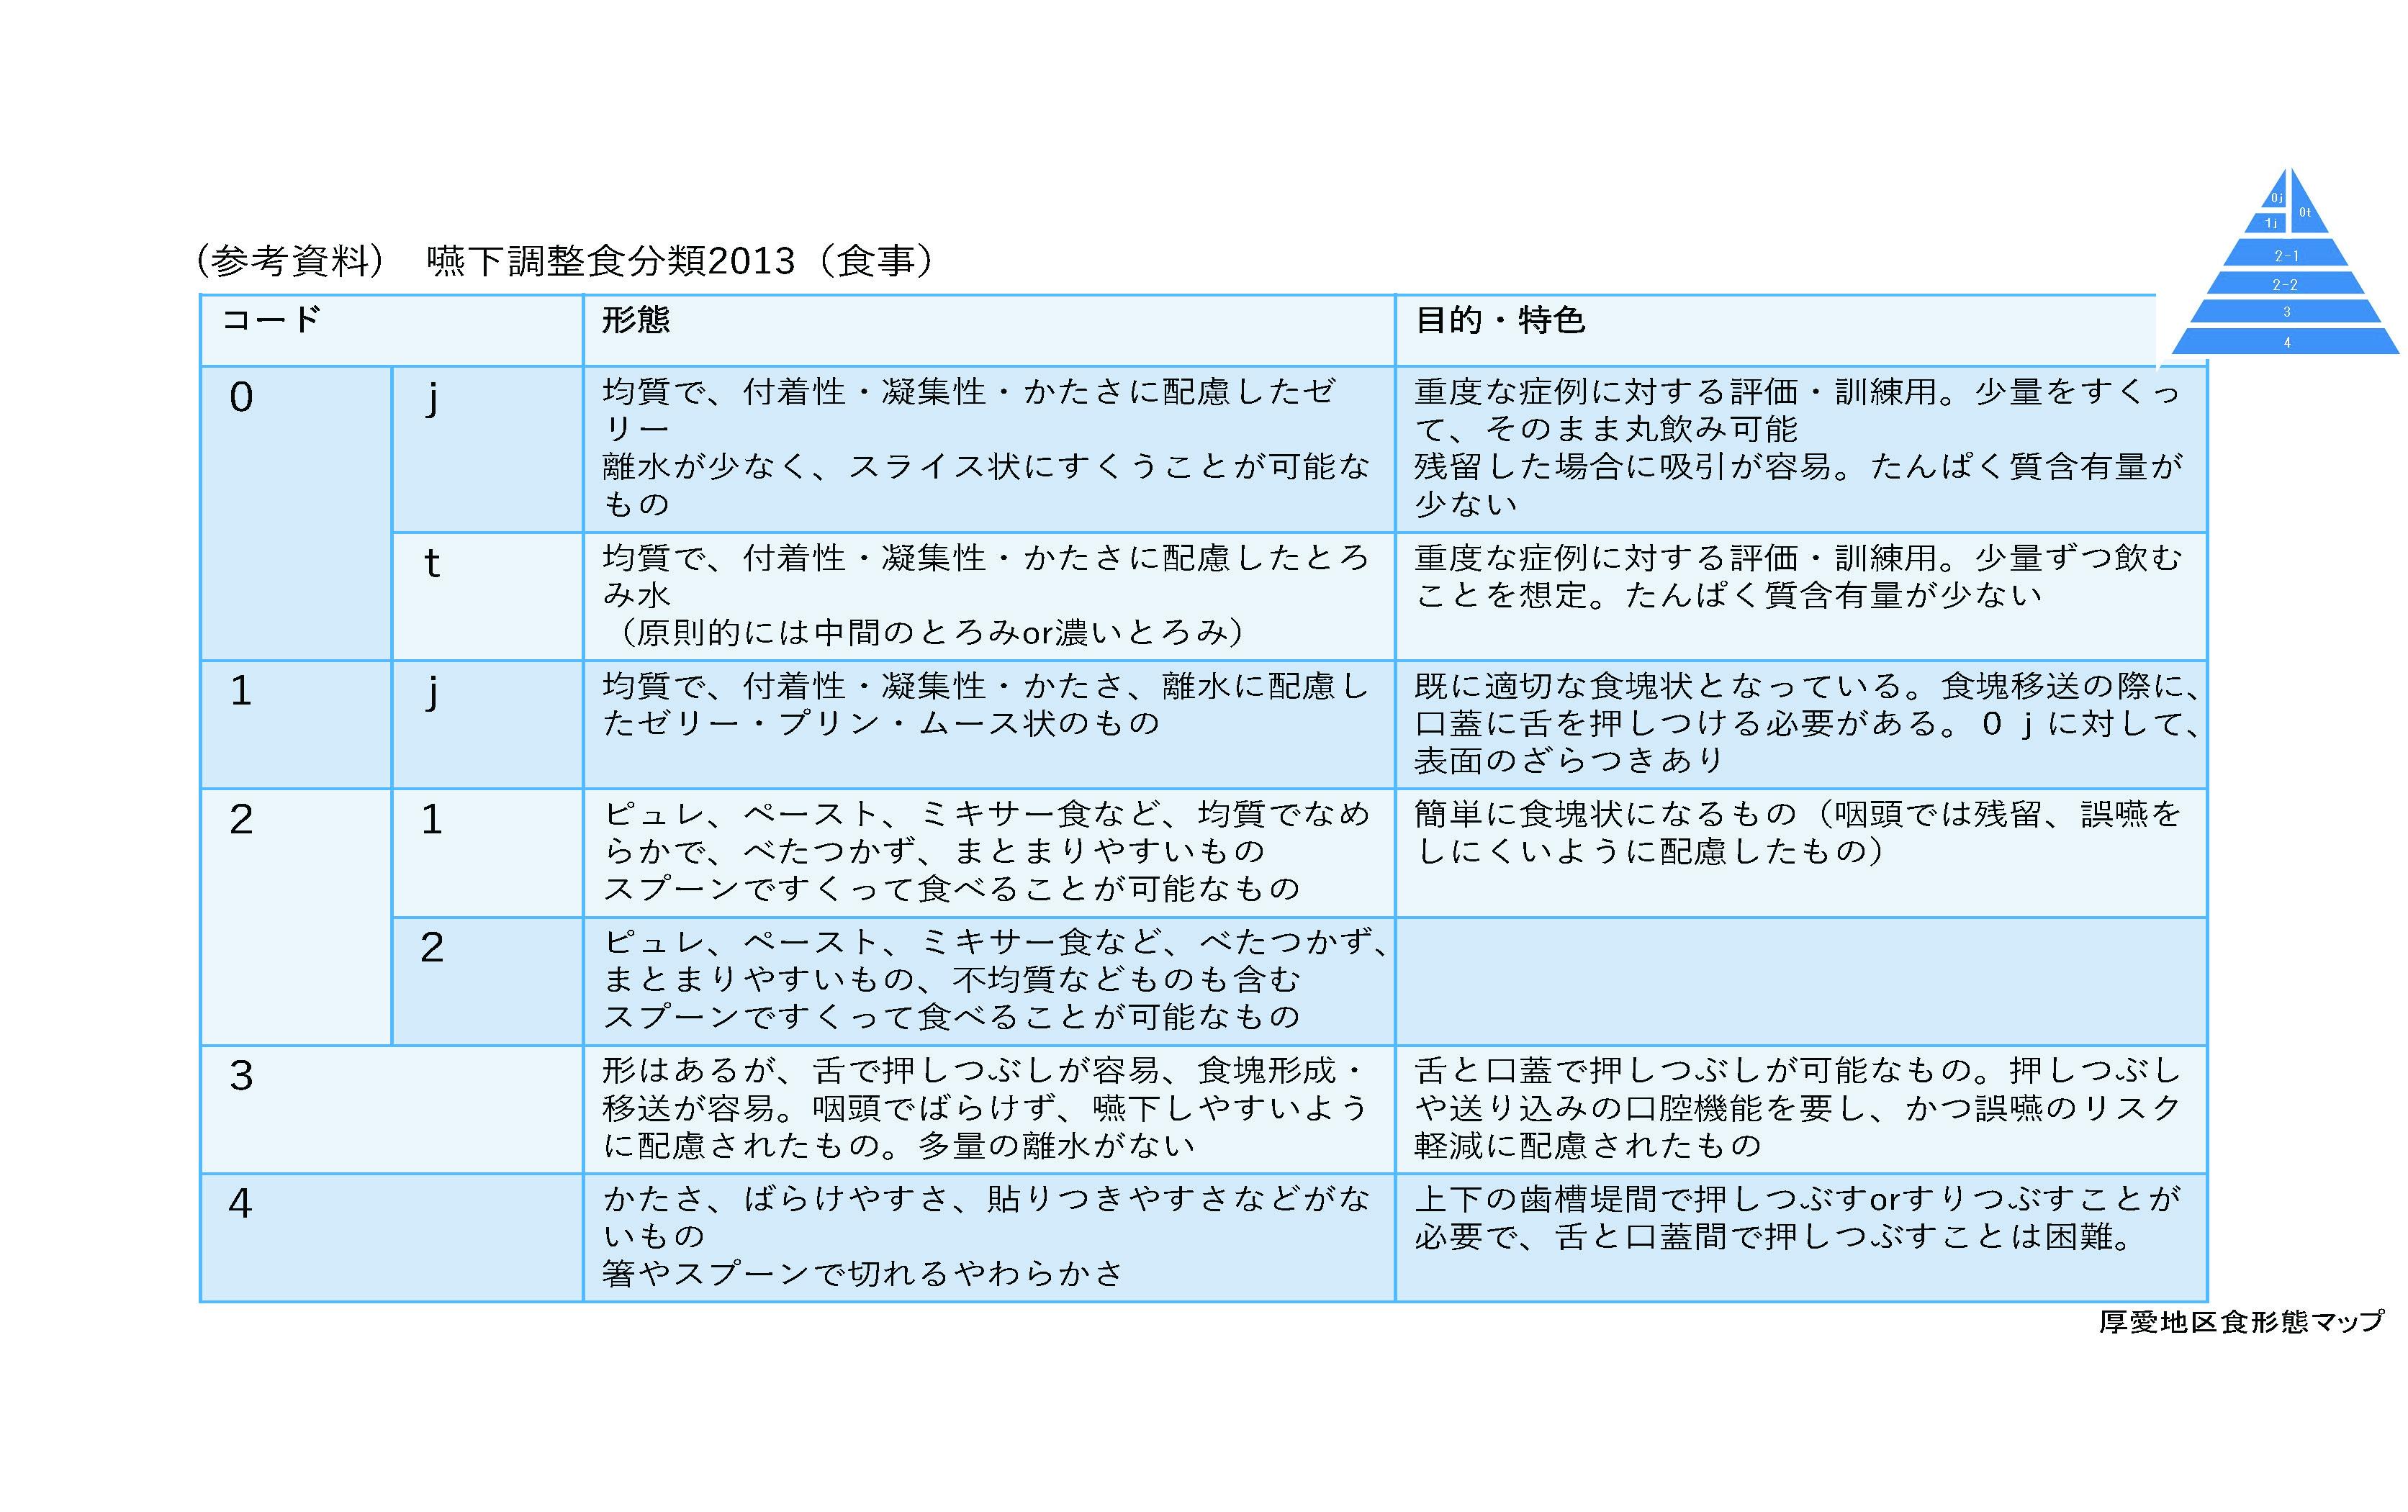 (参考資料) 嚥下調整食分類2013(食事)